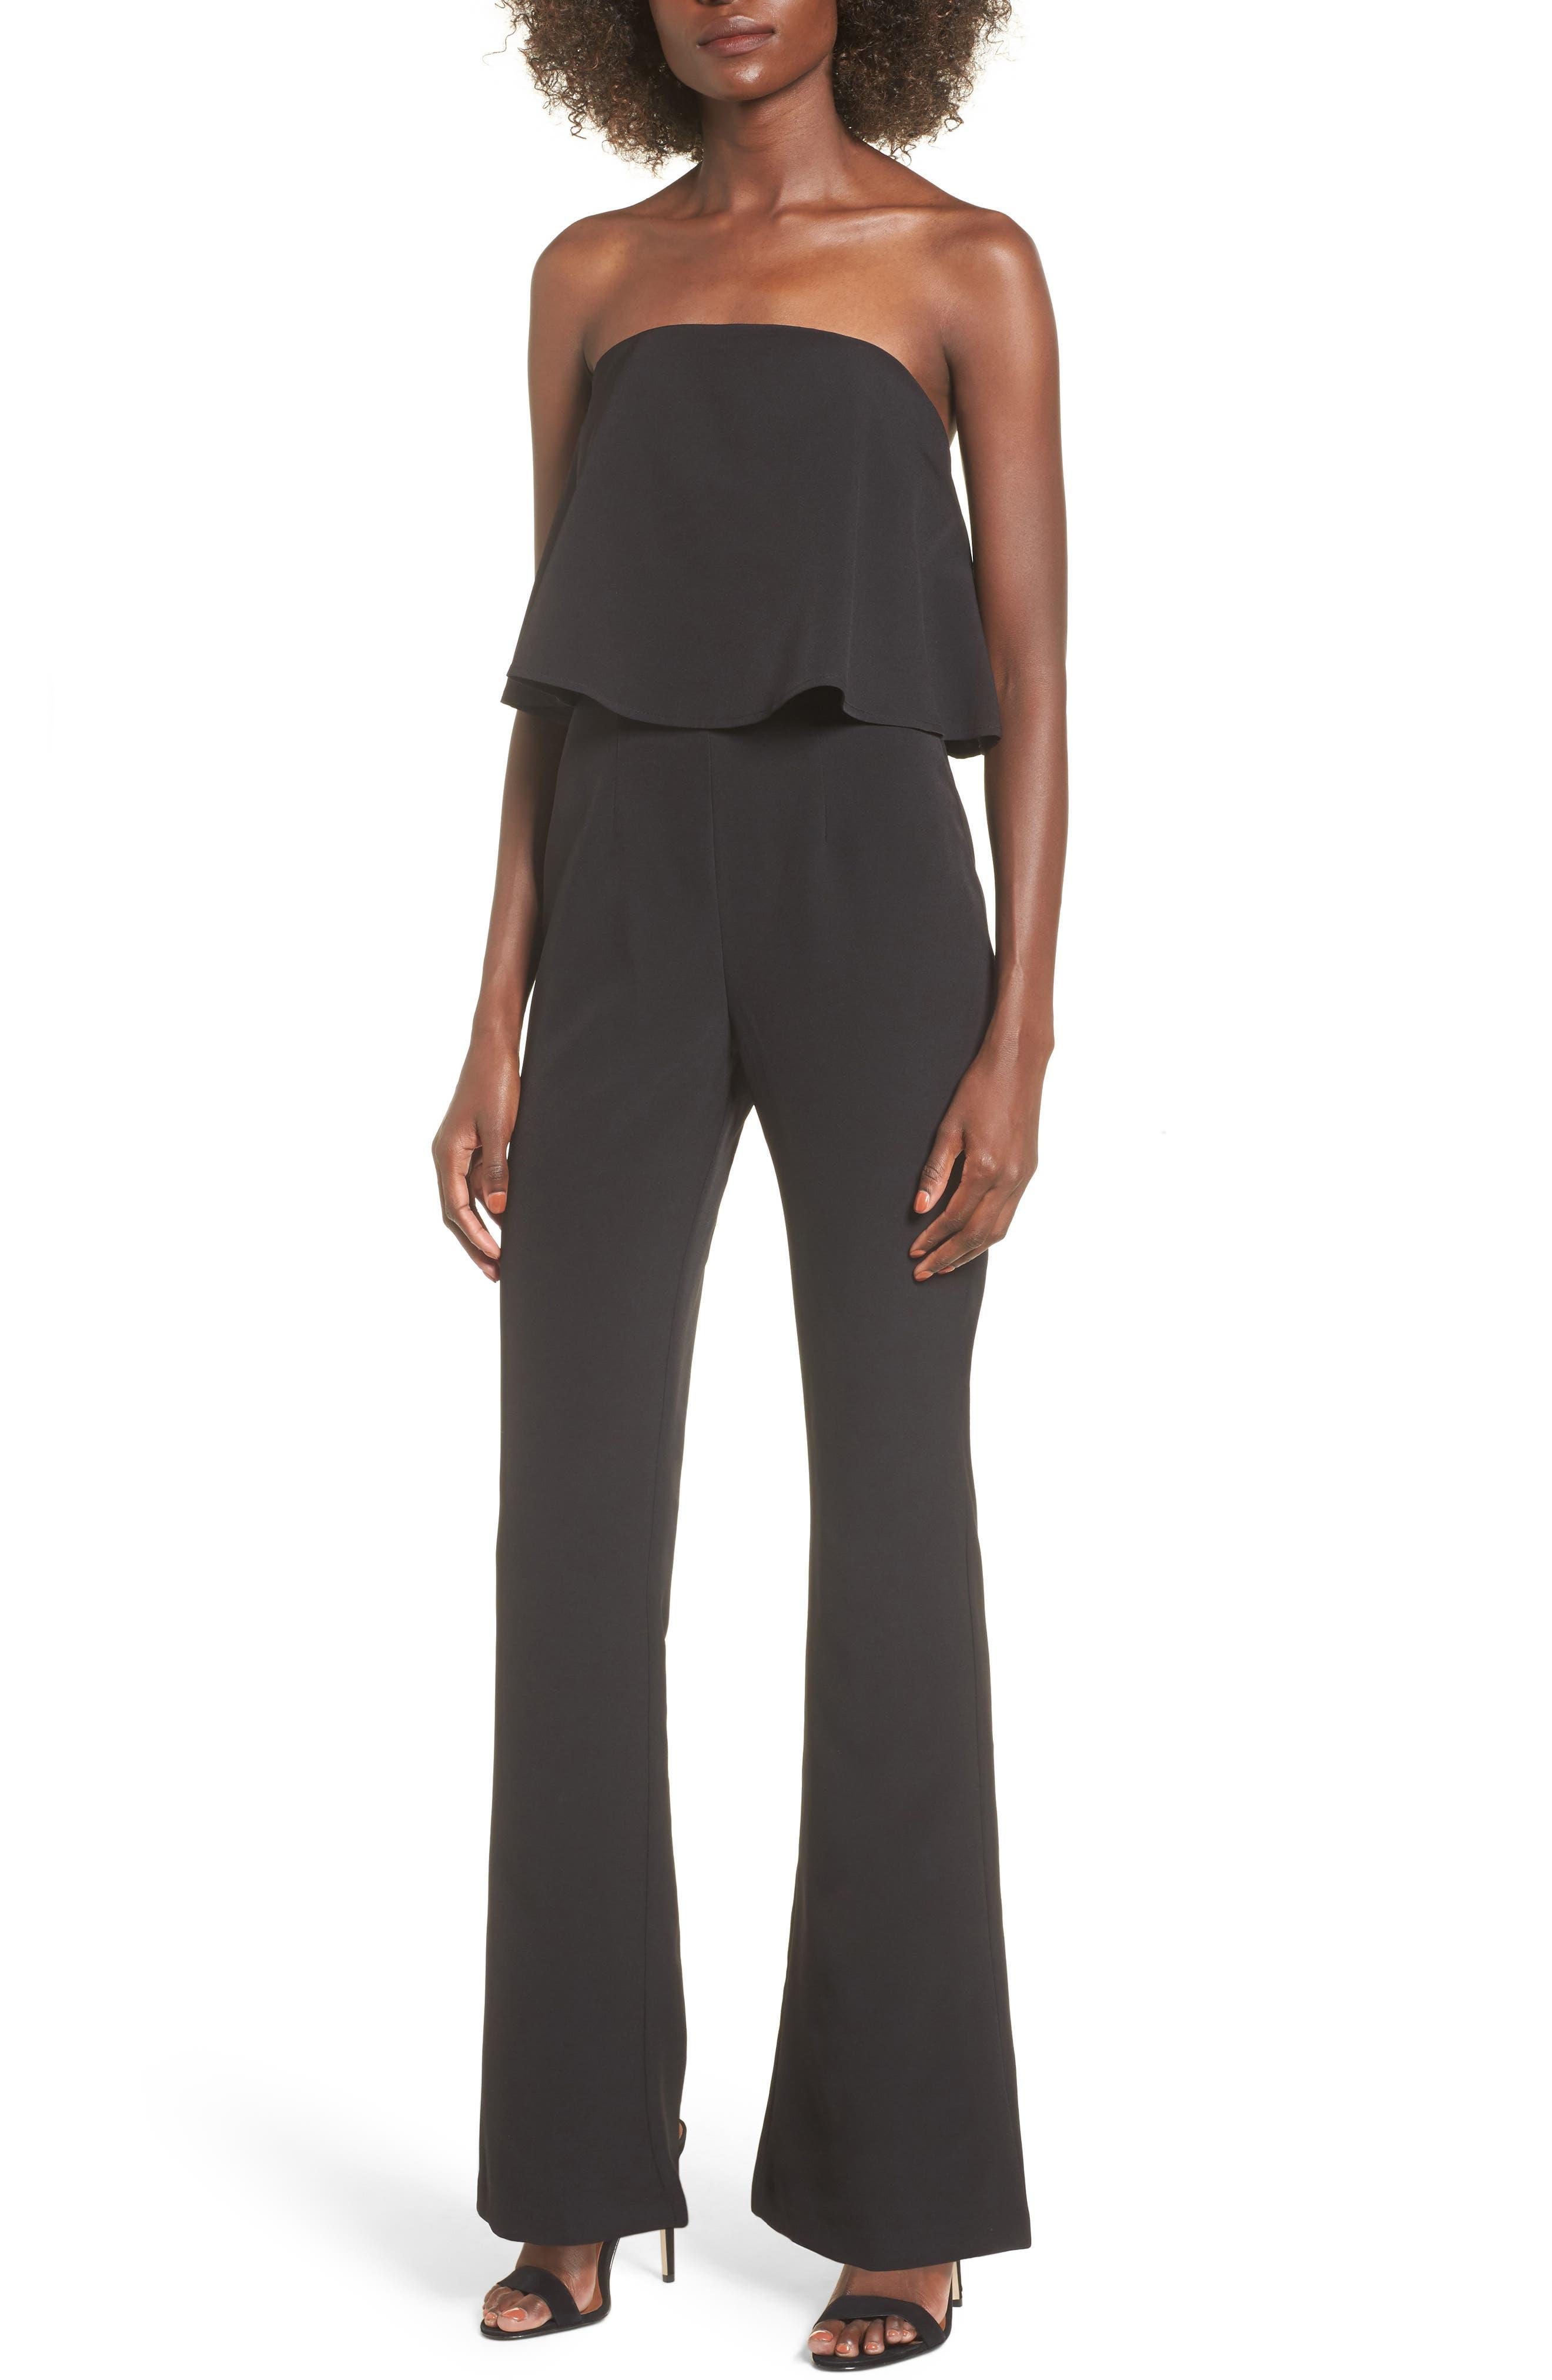 Popover Strapless Jumpsuit,                             Main thumbnail 1, color,                             Black